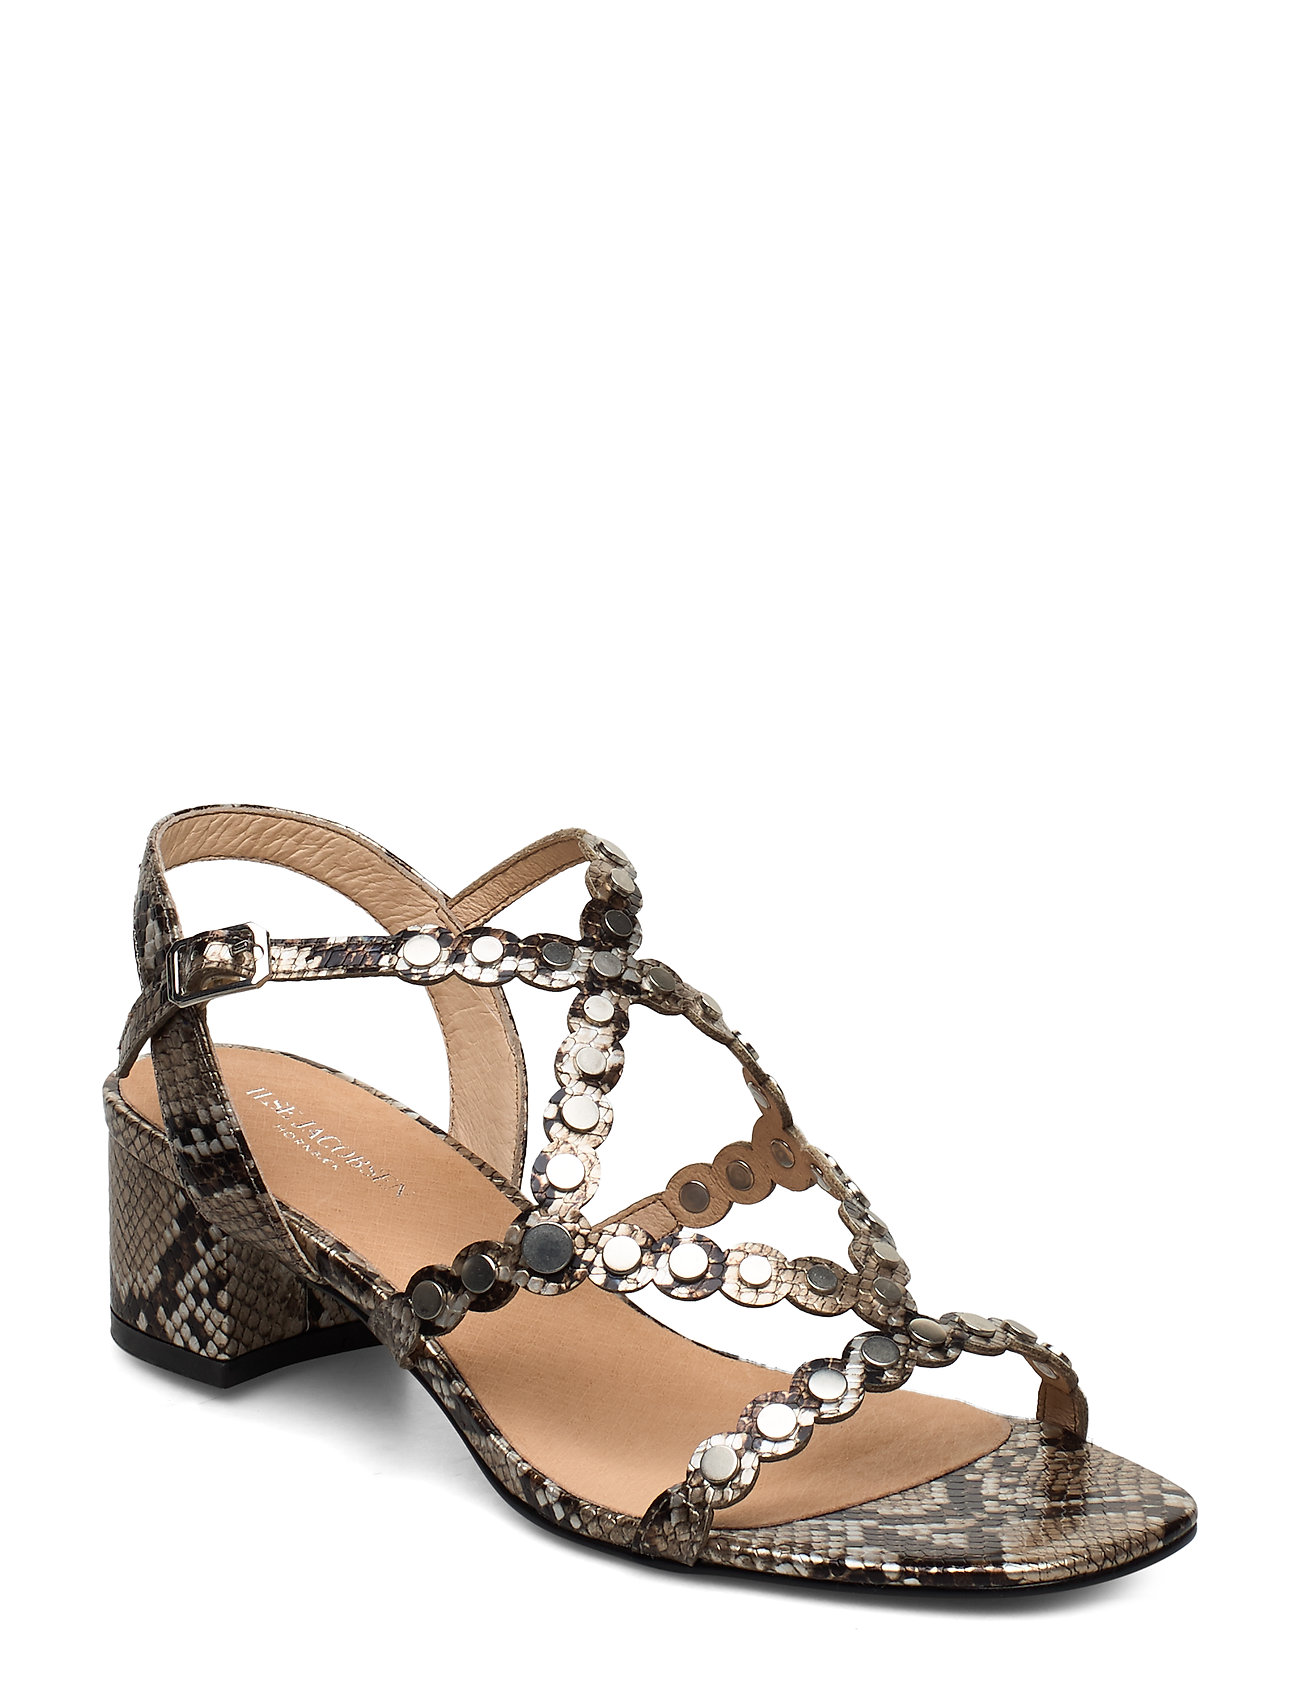 Image of Sandals High Heel Sandal Med Hæl Brun Ilse Jacobsen (3354384935)